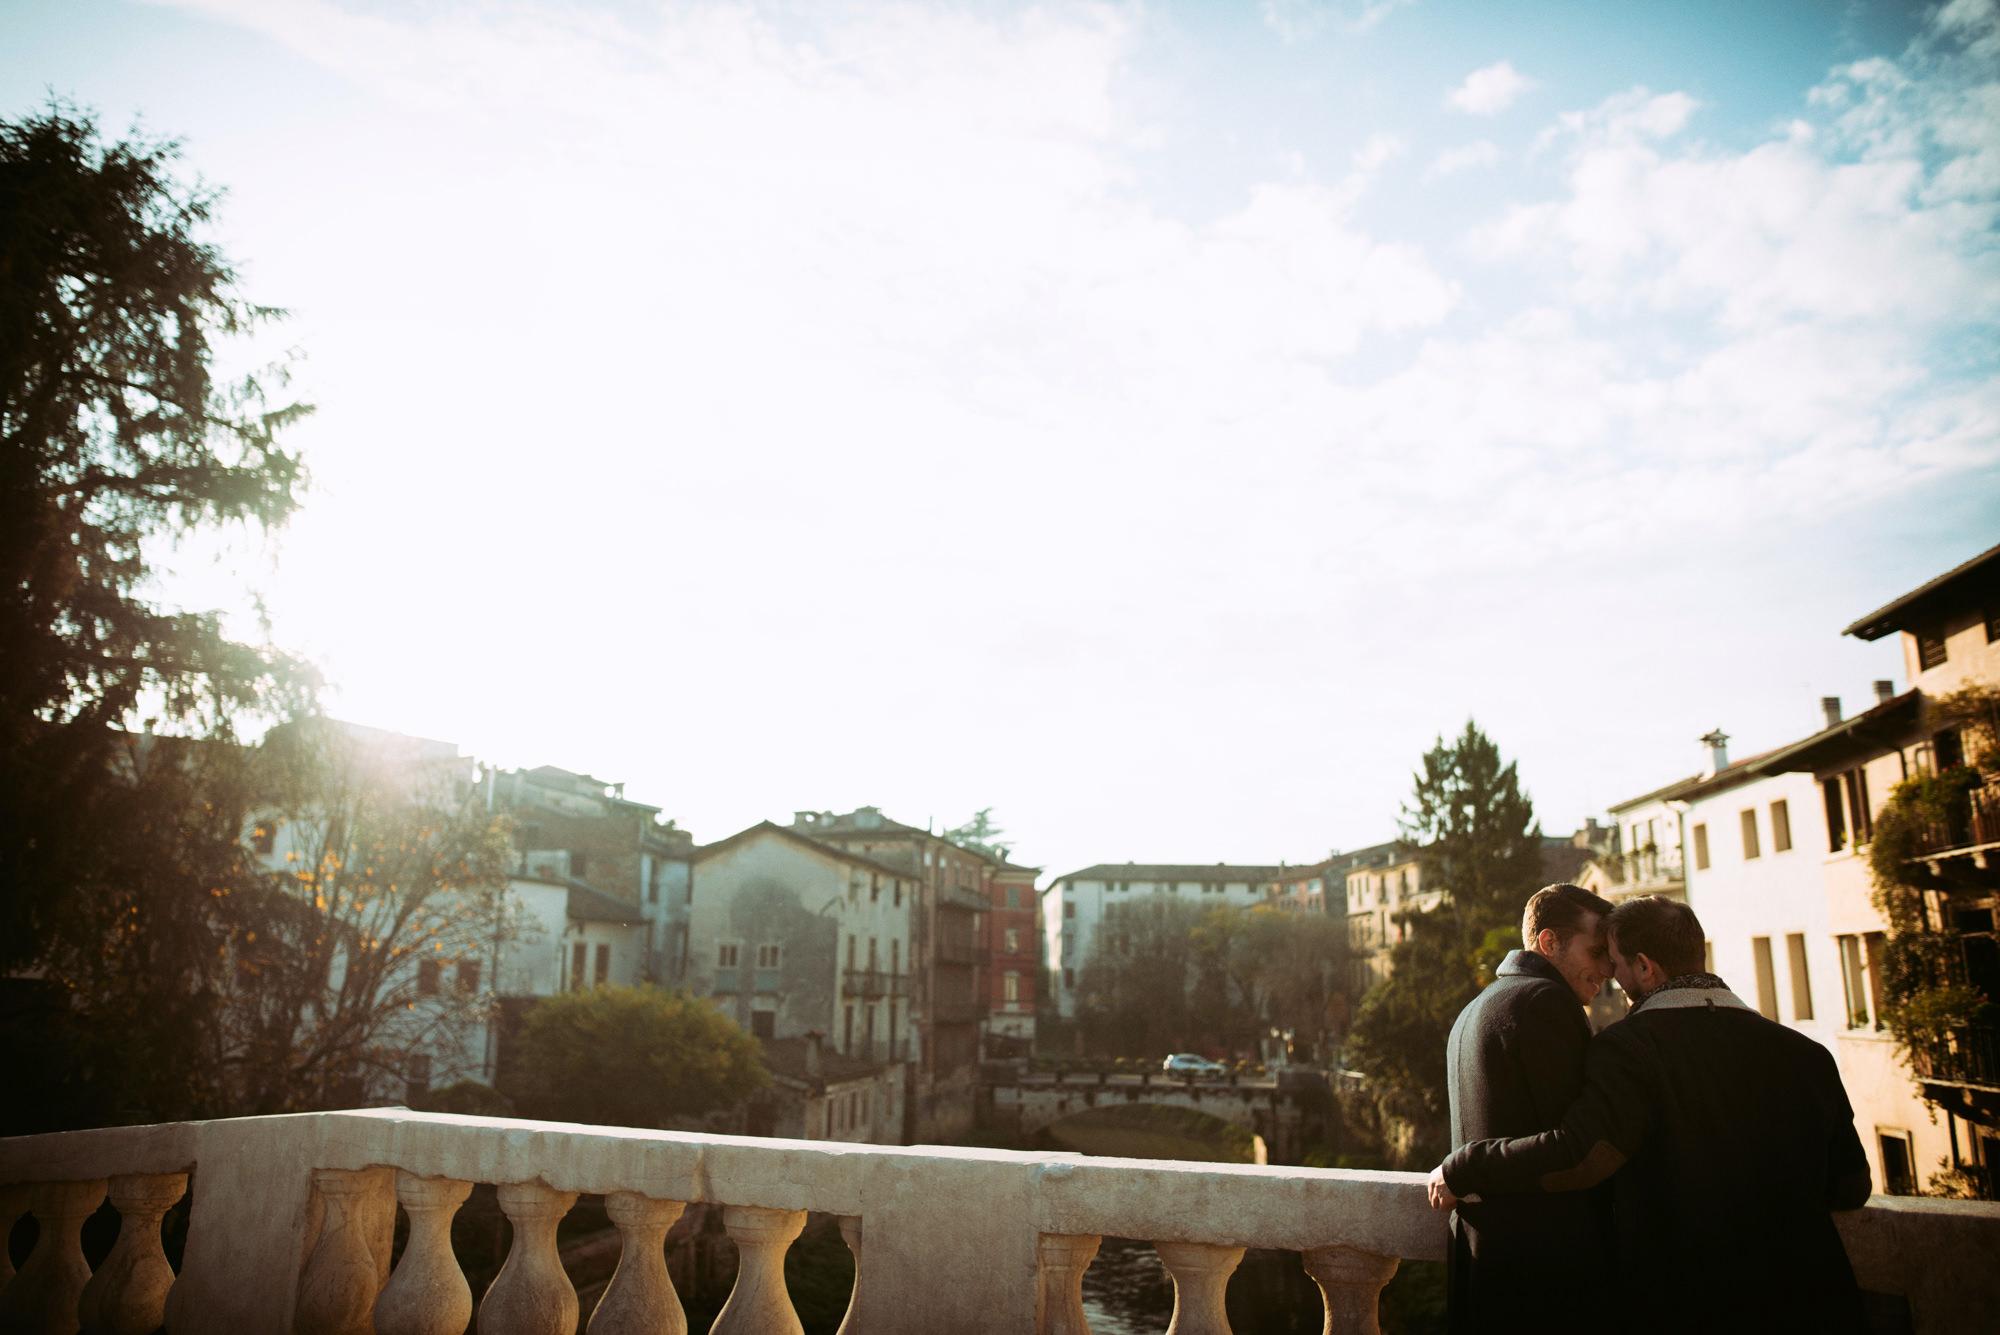 samesex couple photos italy 010 - Same-Sex Couple Photos Italy - Luca & Filippo